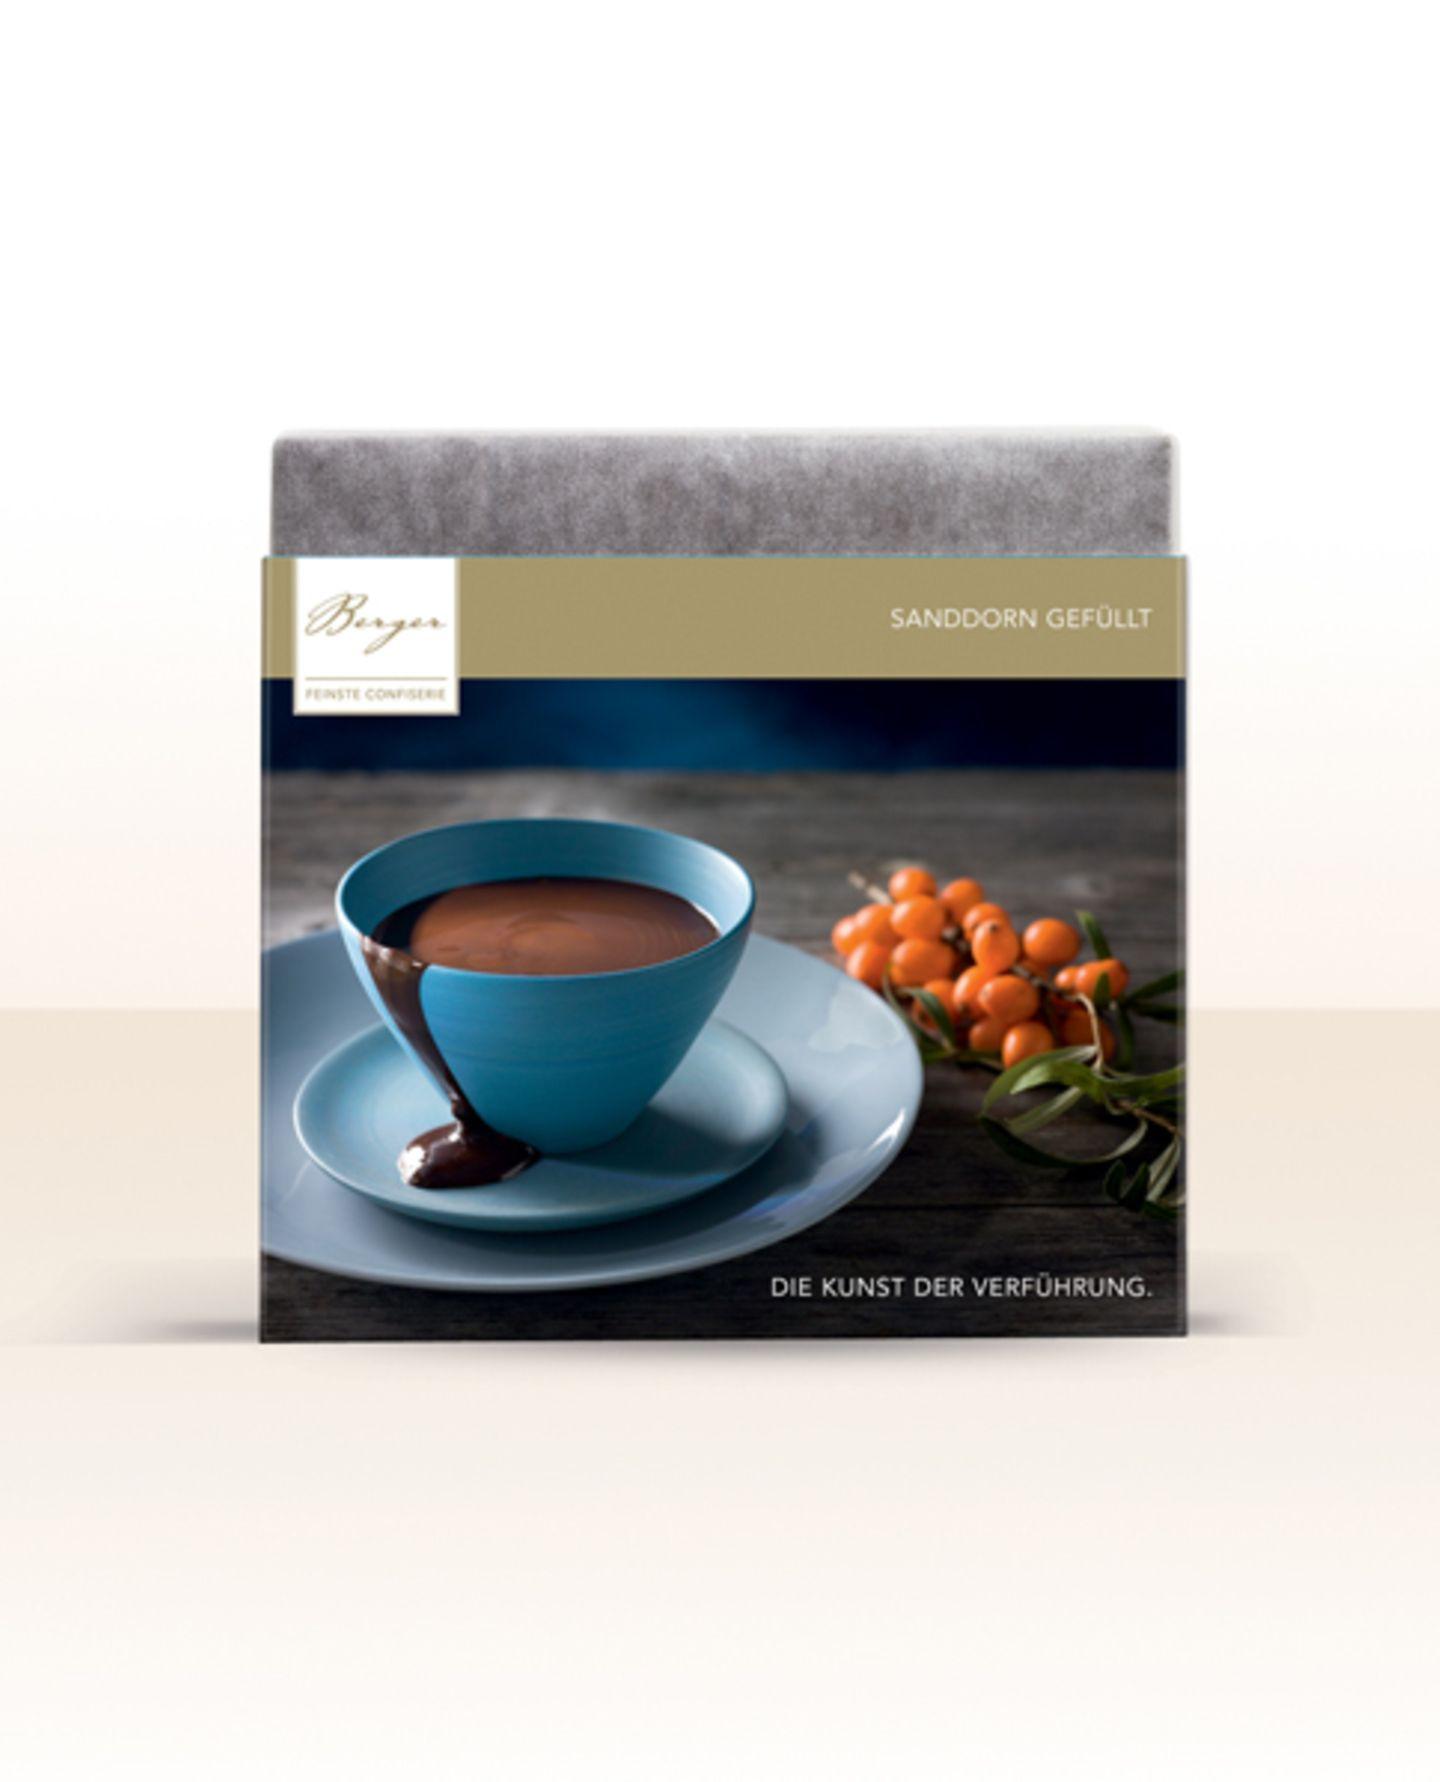 Berger Edlebitter-Schokolade mit Sanddorn-Füllung